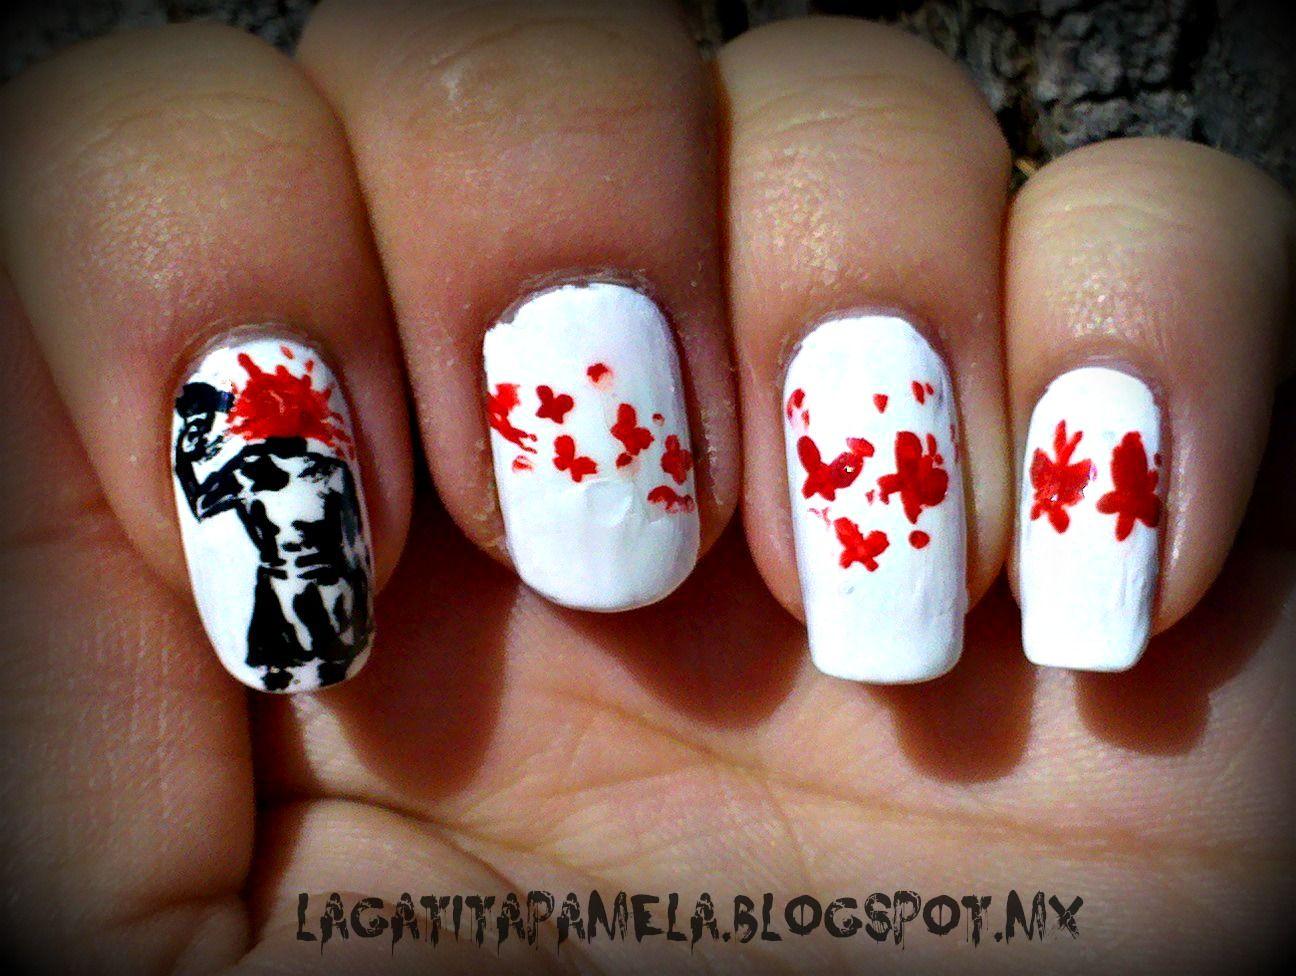 Emo nails blood splatter nails | nails | Pinterest | Emo, Arte de ...